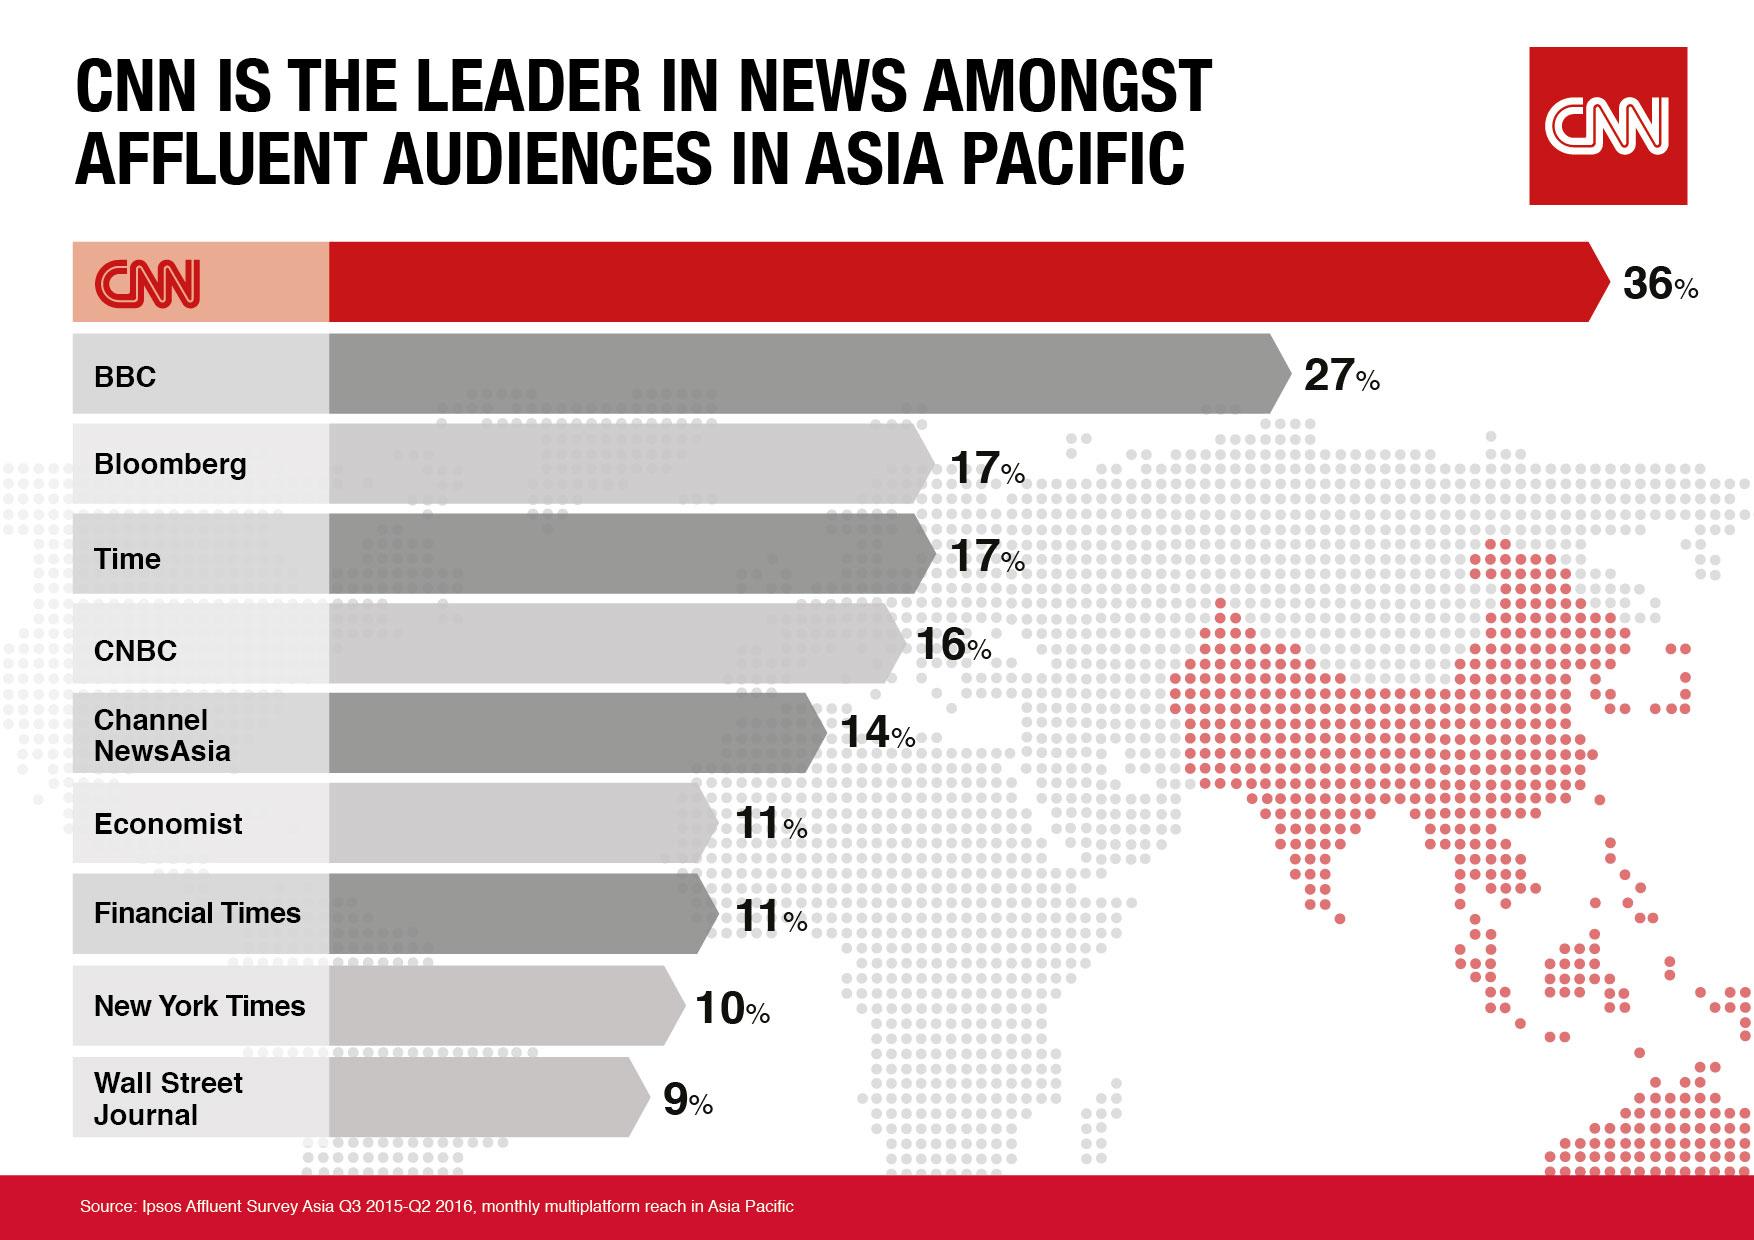 CNN named the world's #1 international news brand | Turner